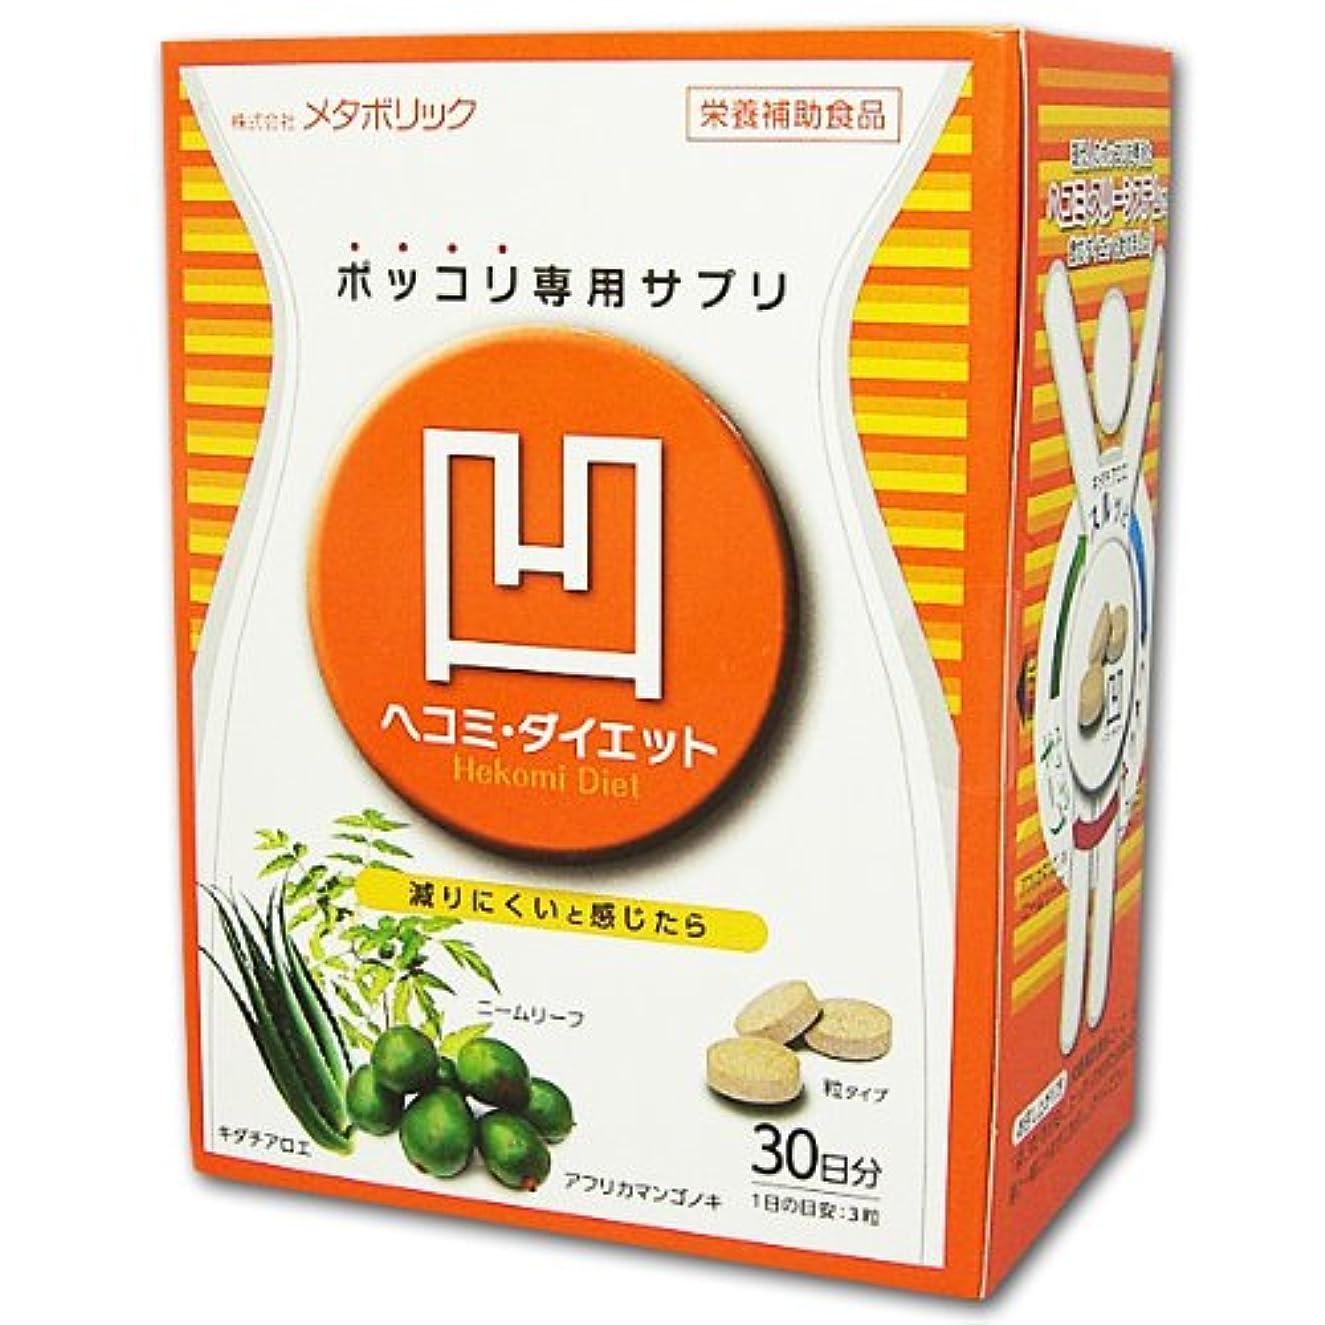 評価可能調和すずめメタボリック ヘコミ?ダイエット3粒×30袋